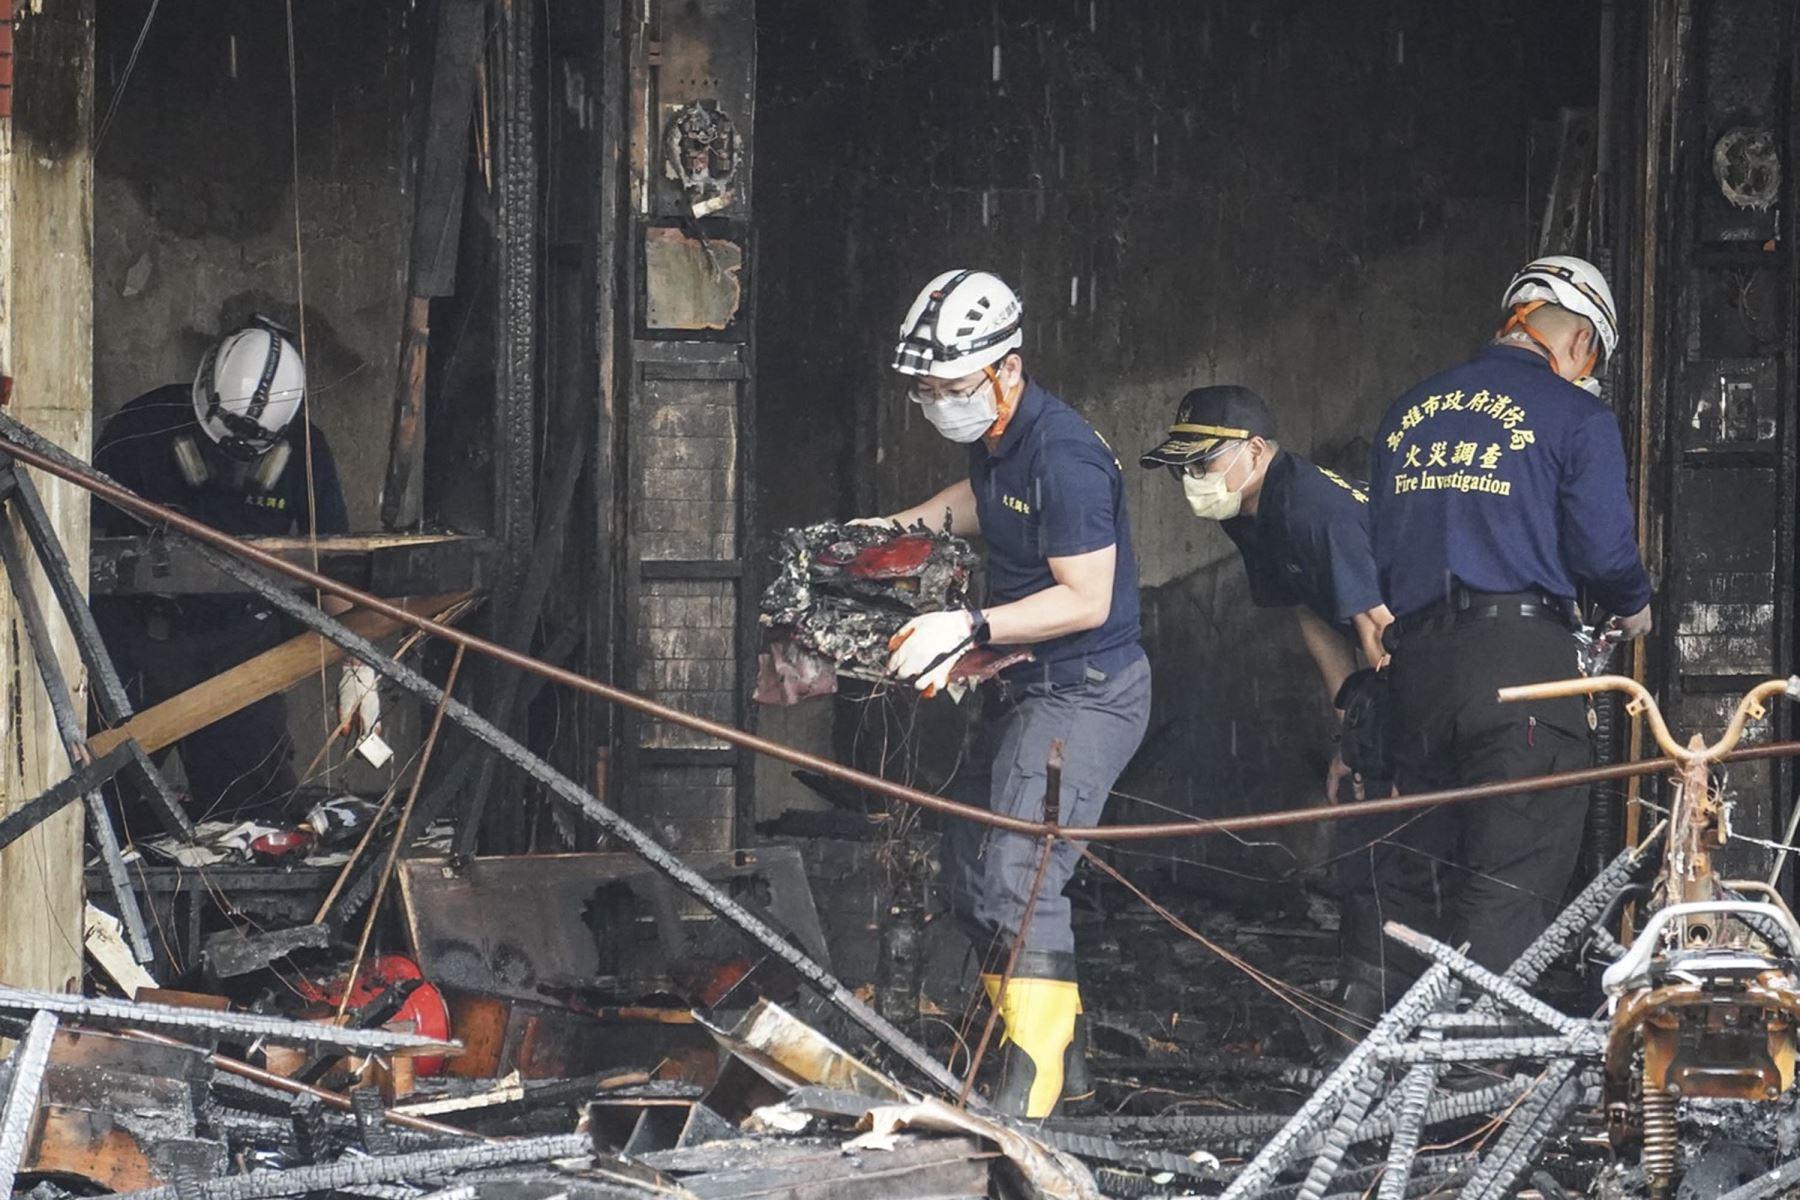 Investigadores realizan operaciones después de que un incendio nocturno arrasara un edificio en la ciudad de Kaohsiung, en el sur de Taiwán, matando al menos a 46 personas e hiriendo a decenas más. Foto: AFP